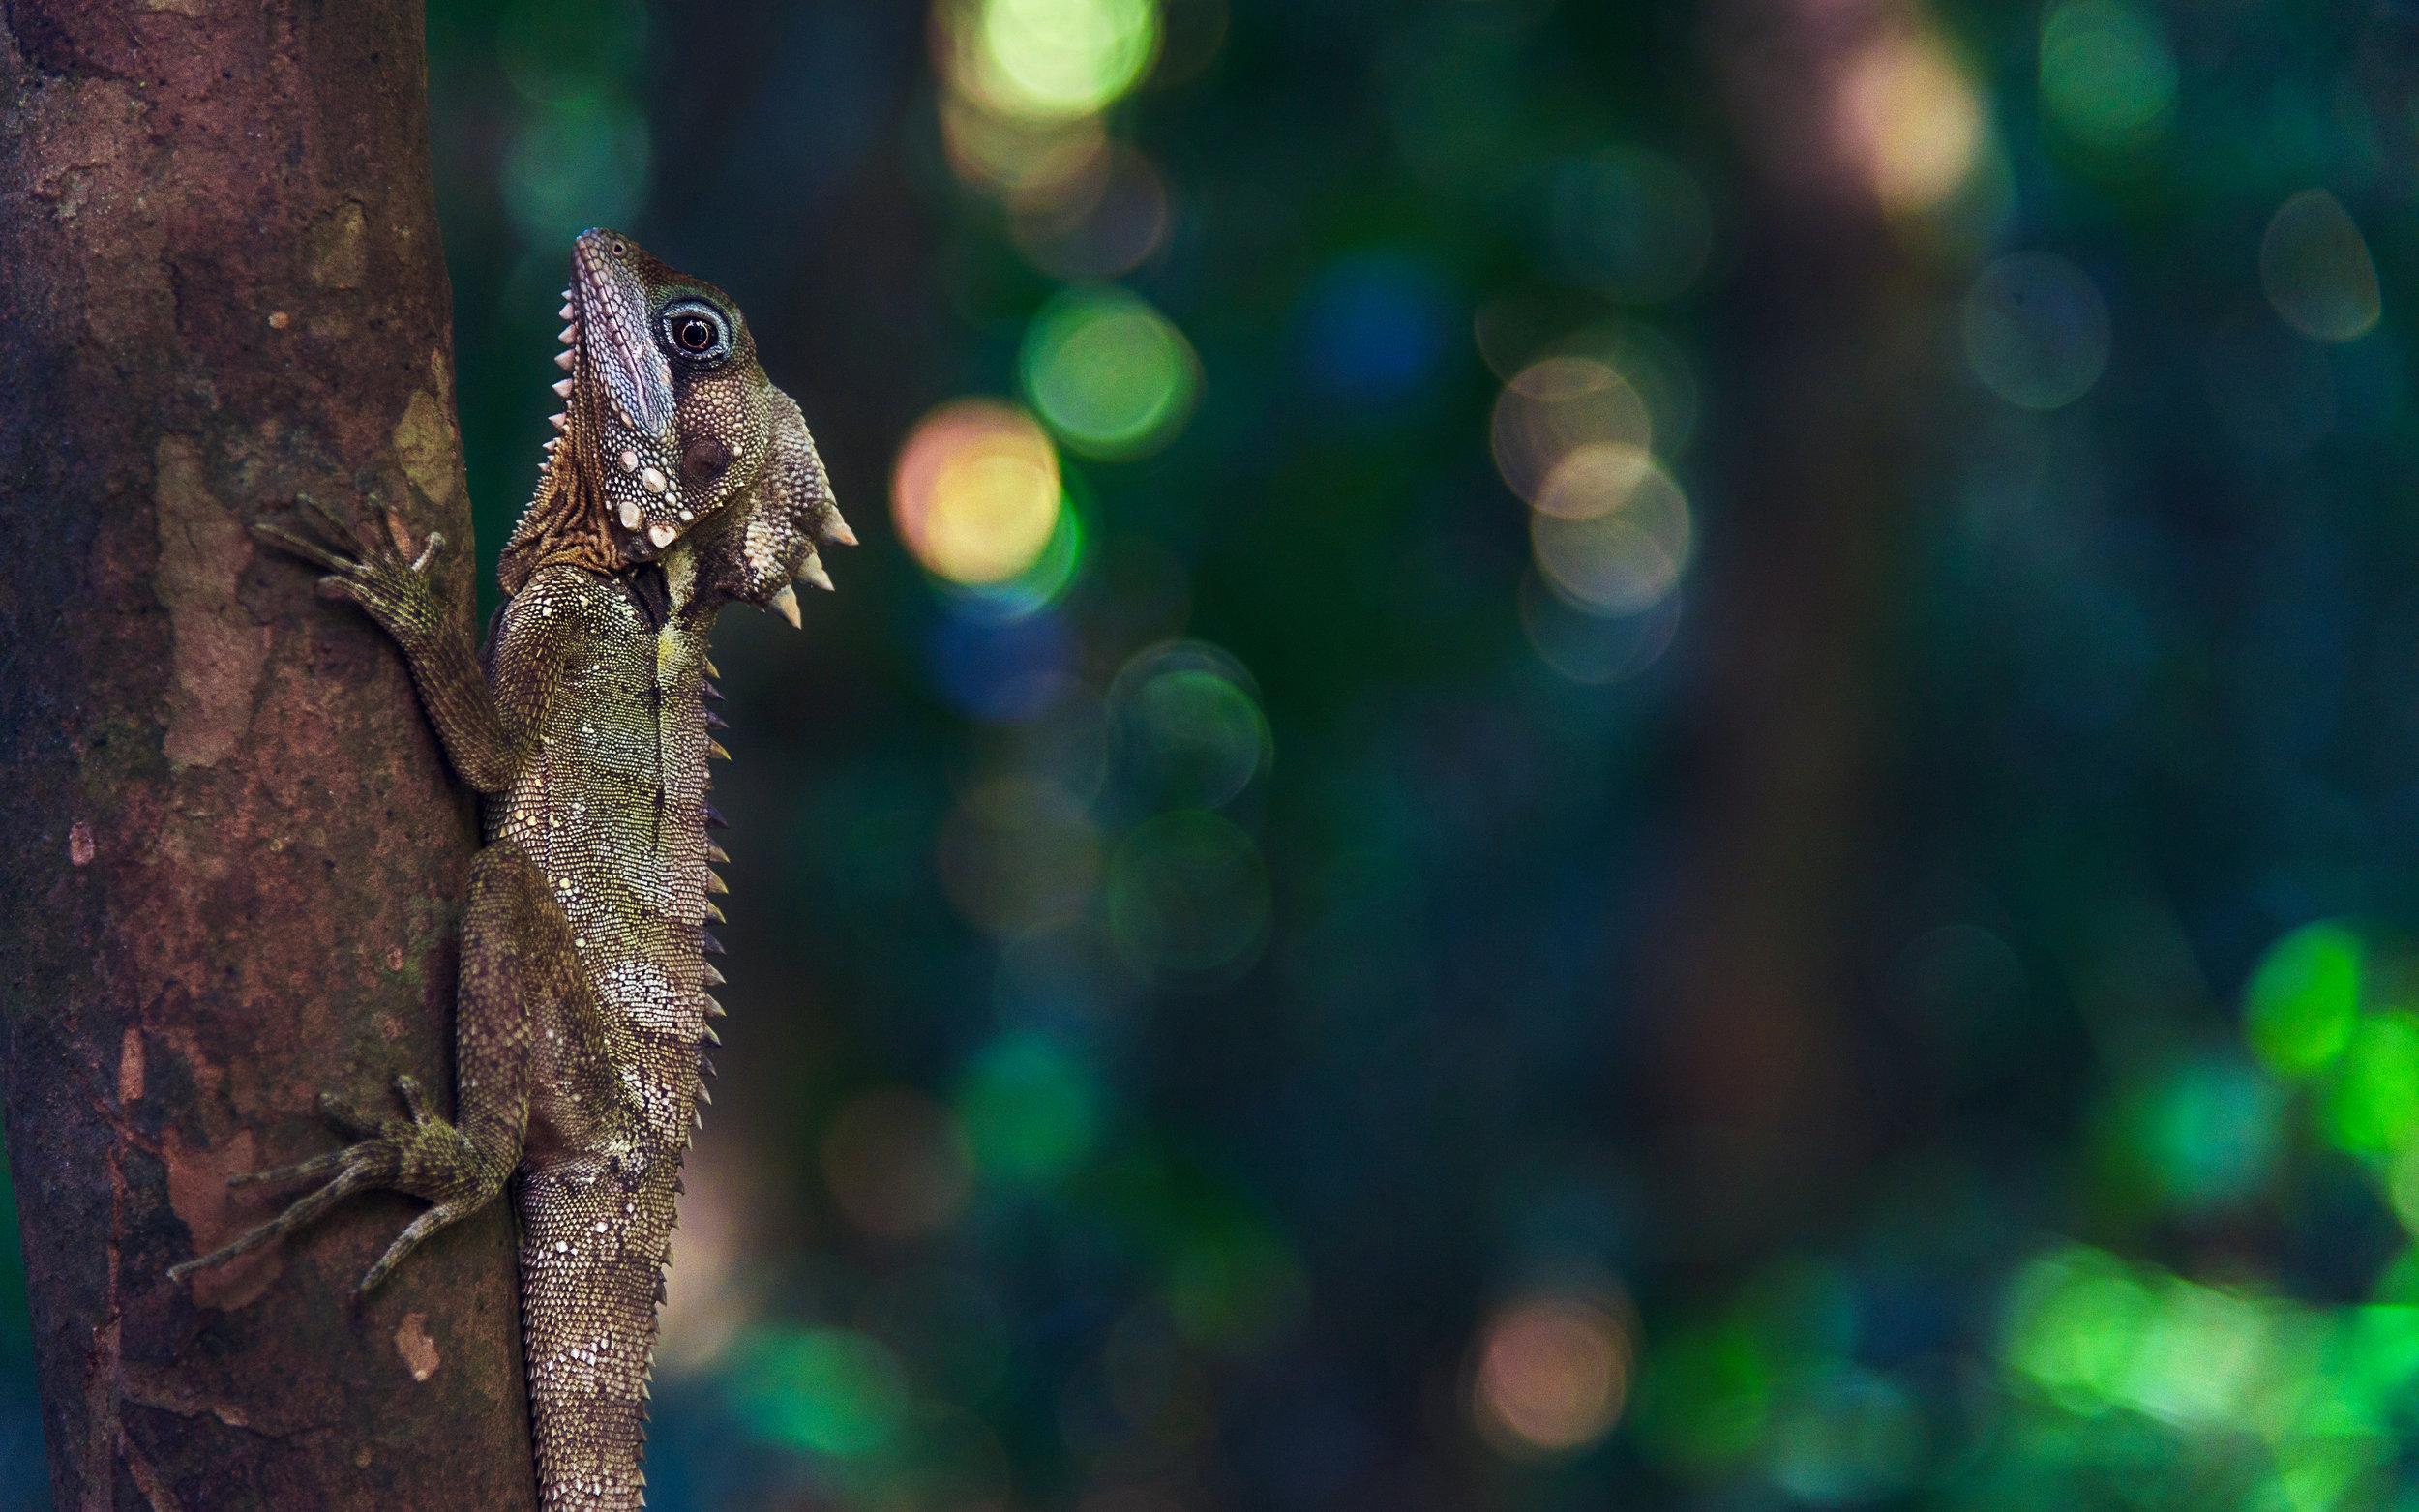 lizard-2168764 (2).JPG